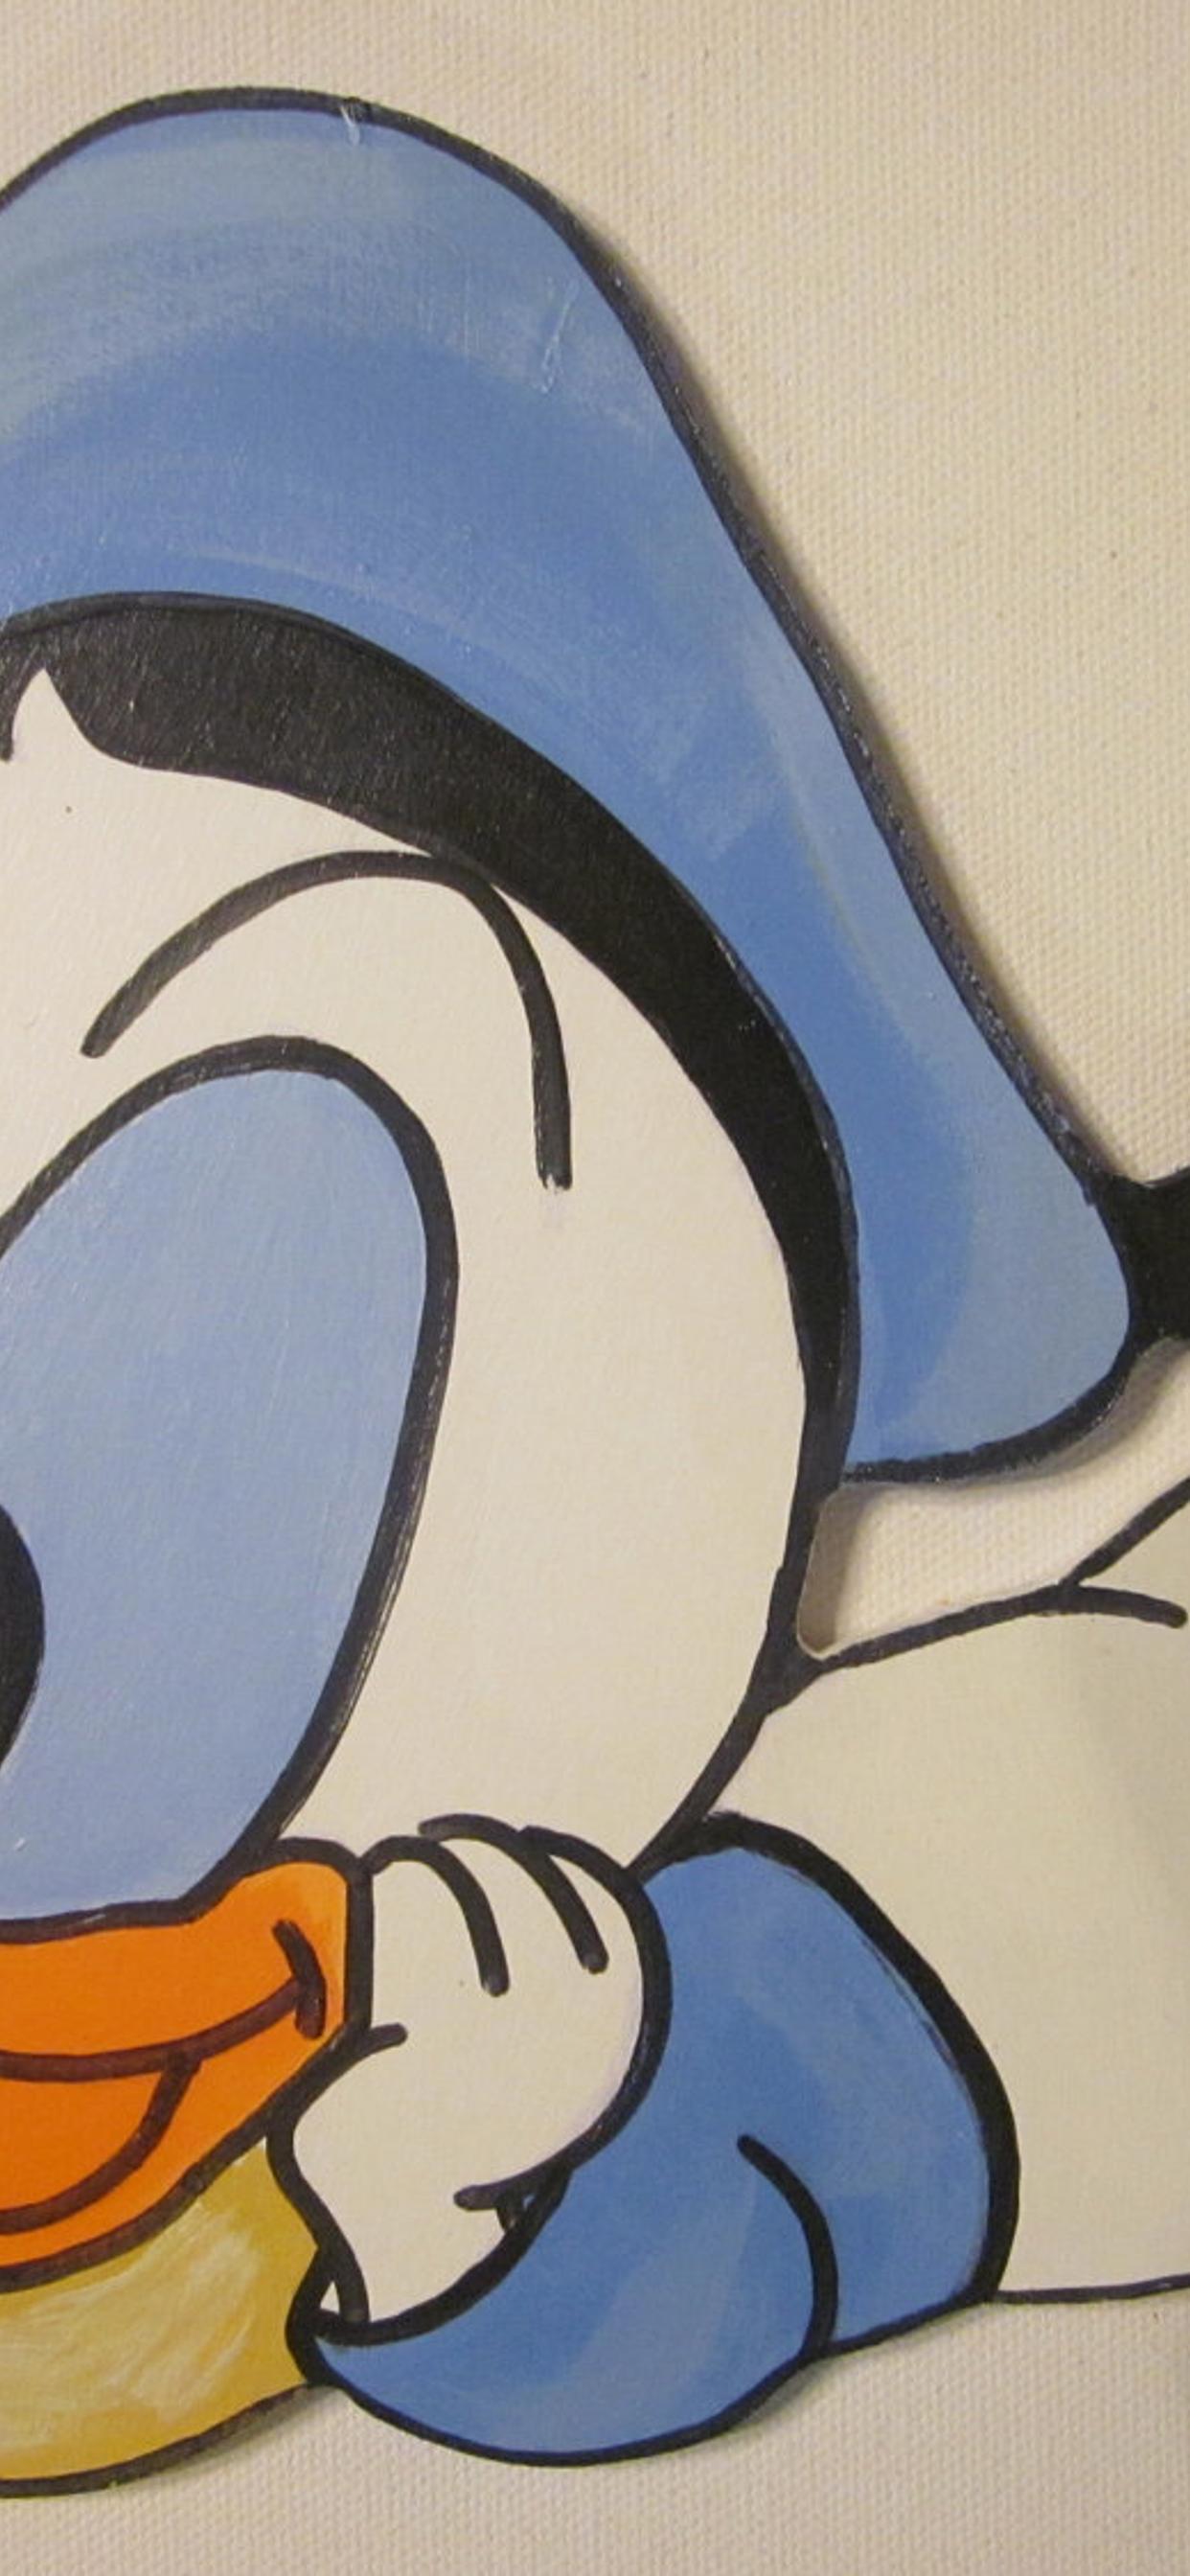 Baby Donald Duck Wallpaper Cartoon Character